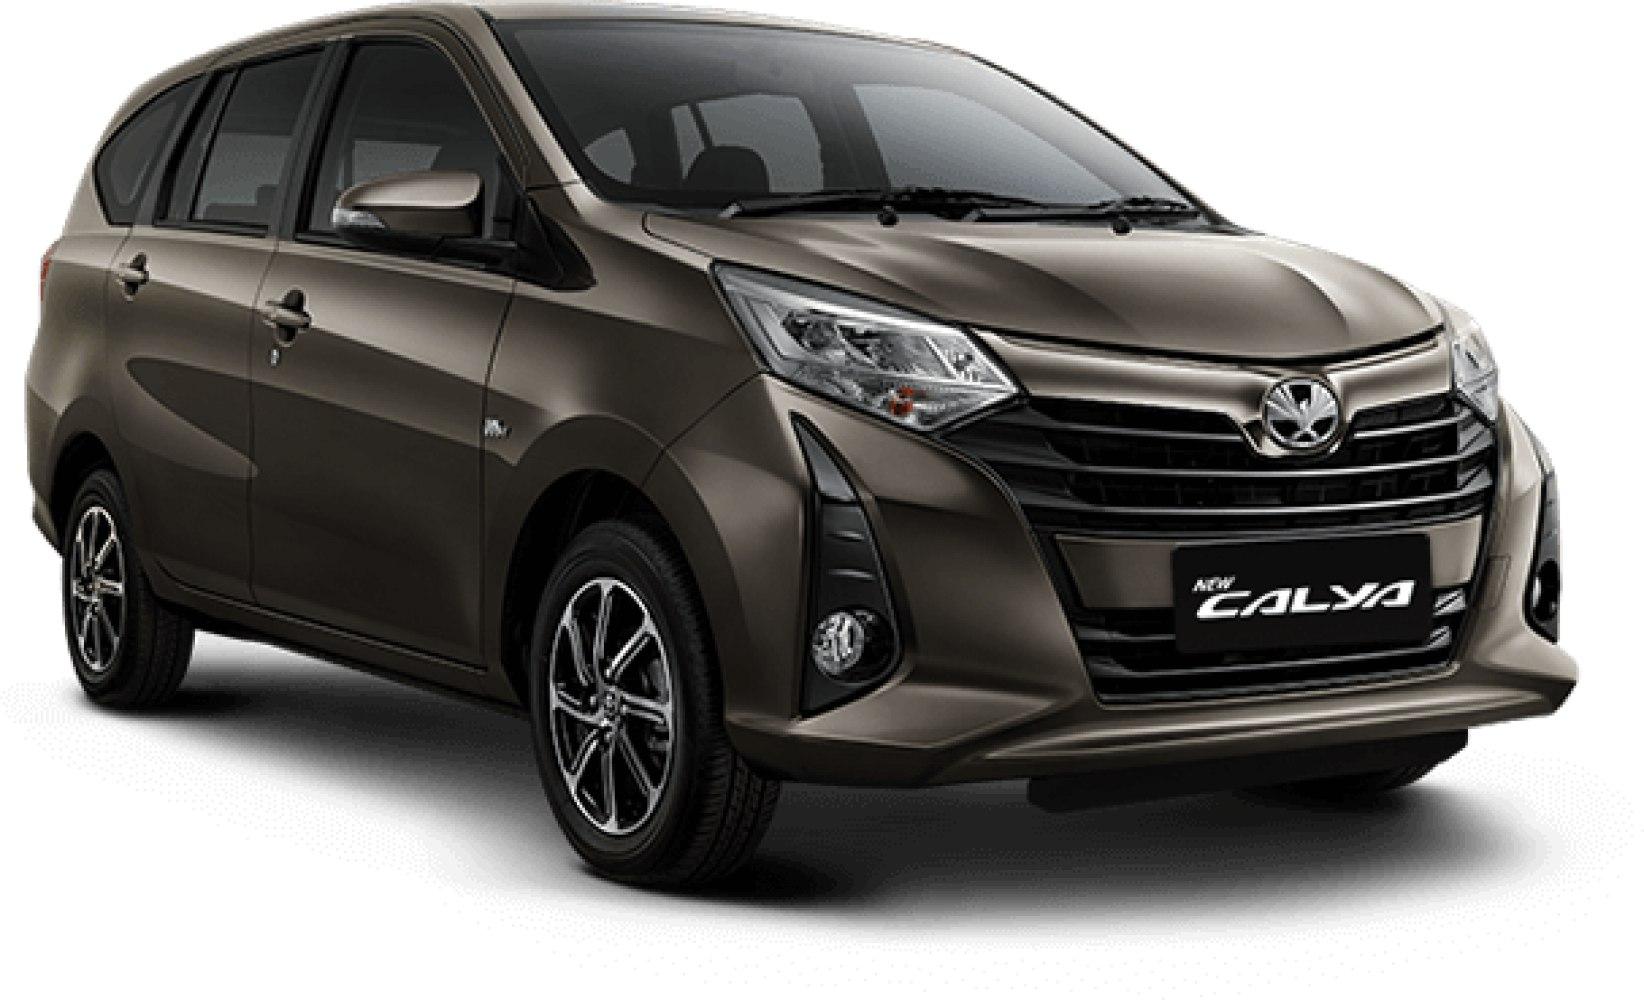 Kelebihan Toyota Calya 2019 Harga